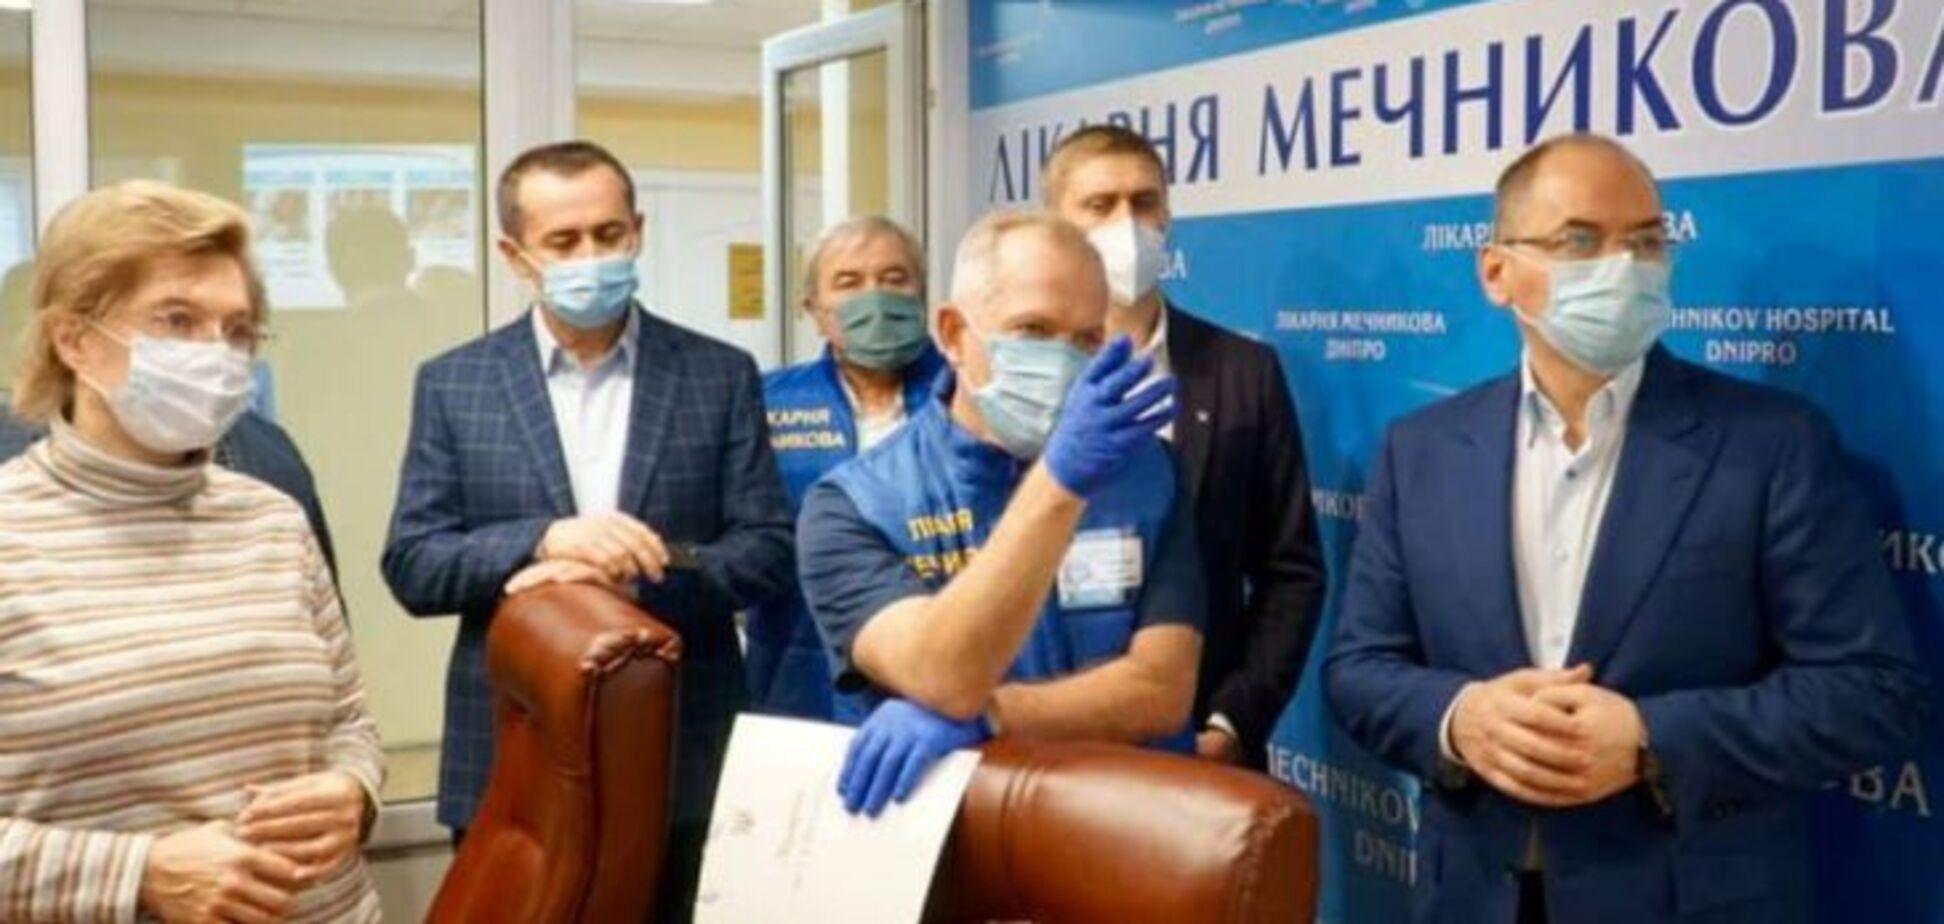 Краснова розкритикували за пропозиції щодо розвитку медицини в місті